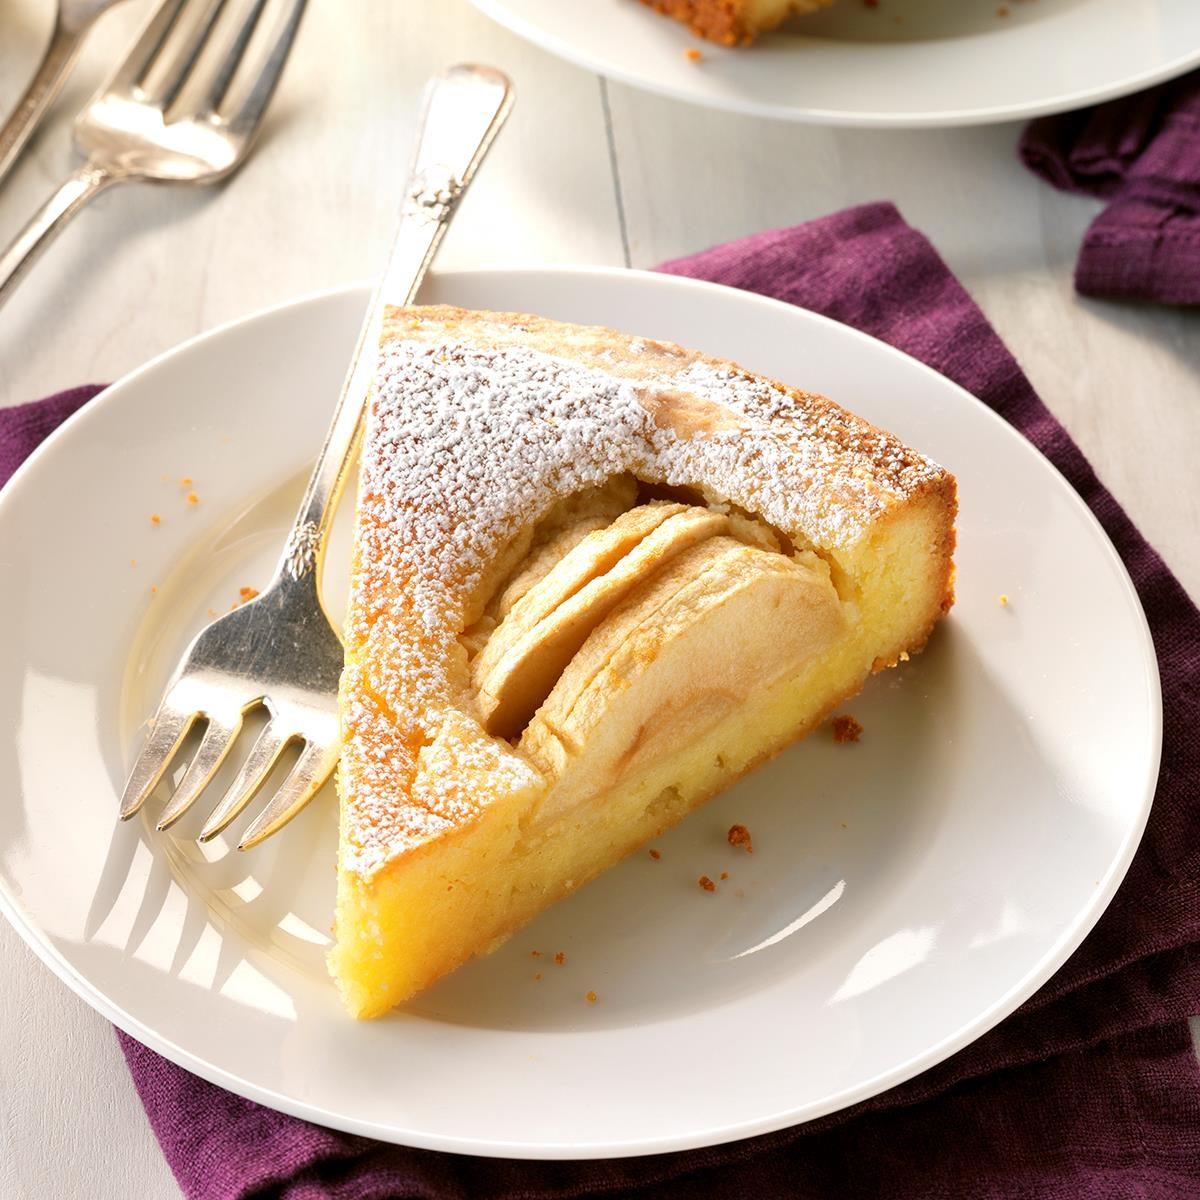 Oma S Apfelkuchen Grandma S Apple Cake Recipe Taste Of Home